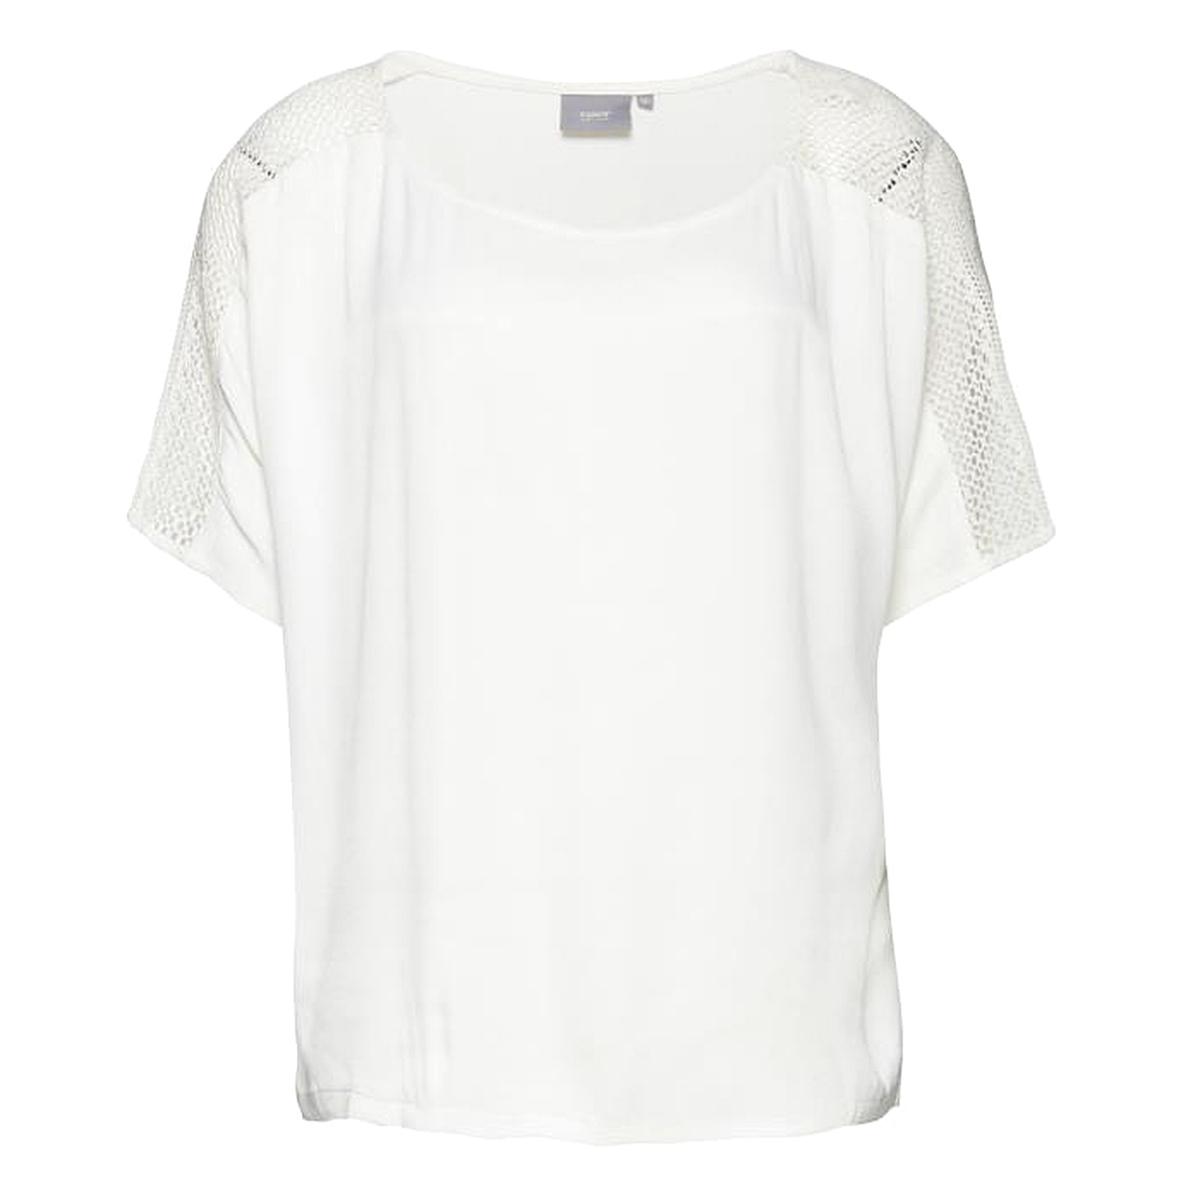 Блузка с короткими рукавамиДетали  •  Длинные рукава •  Круглый вырез •  Рисунок-принт Состав и уход  •  100% полиэстер •  Следуйте рекомендациям по уходу, указанным на этикетке изделия<br><br>Цвет: белый<br>Размер: 38 (FR) - 44 (RUS)